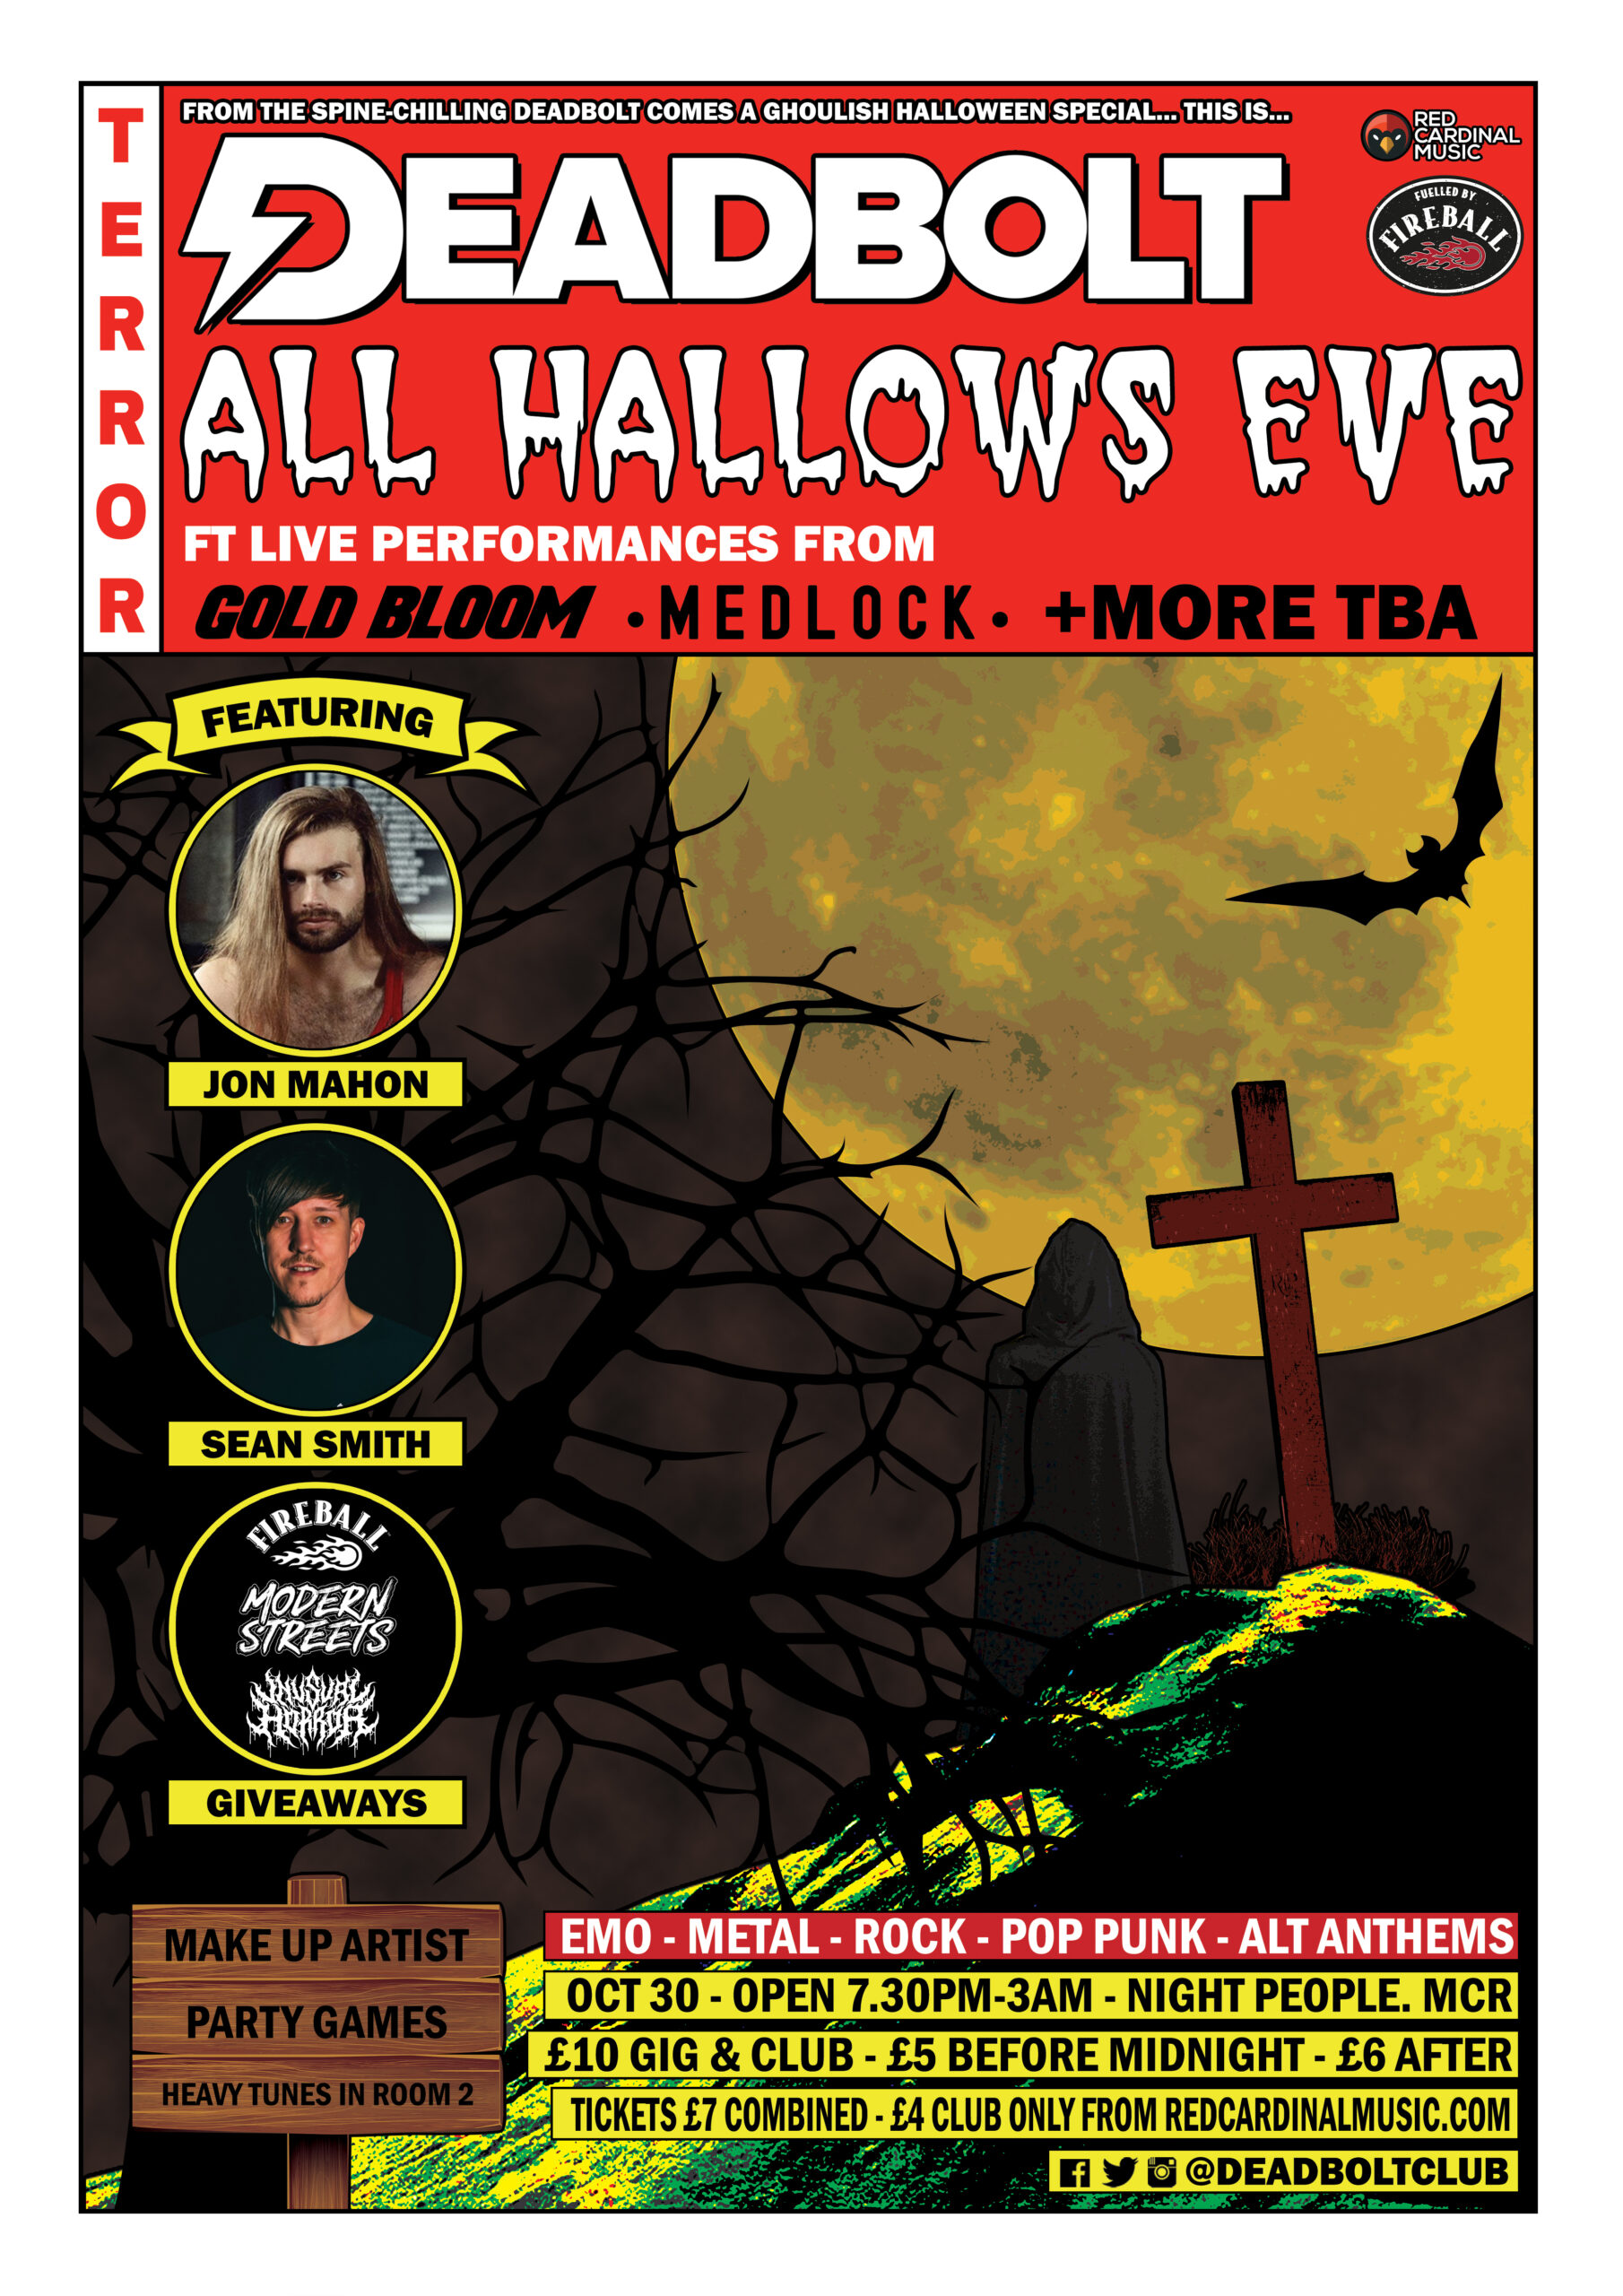 Deadbolt Manchester - All Hallows Eve - Oct 21 - Poster - Alternative Halloween